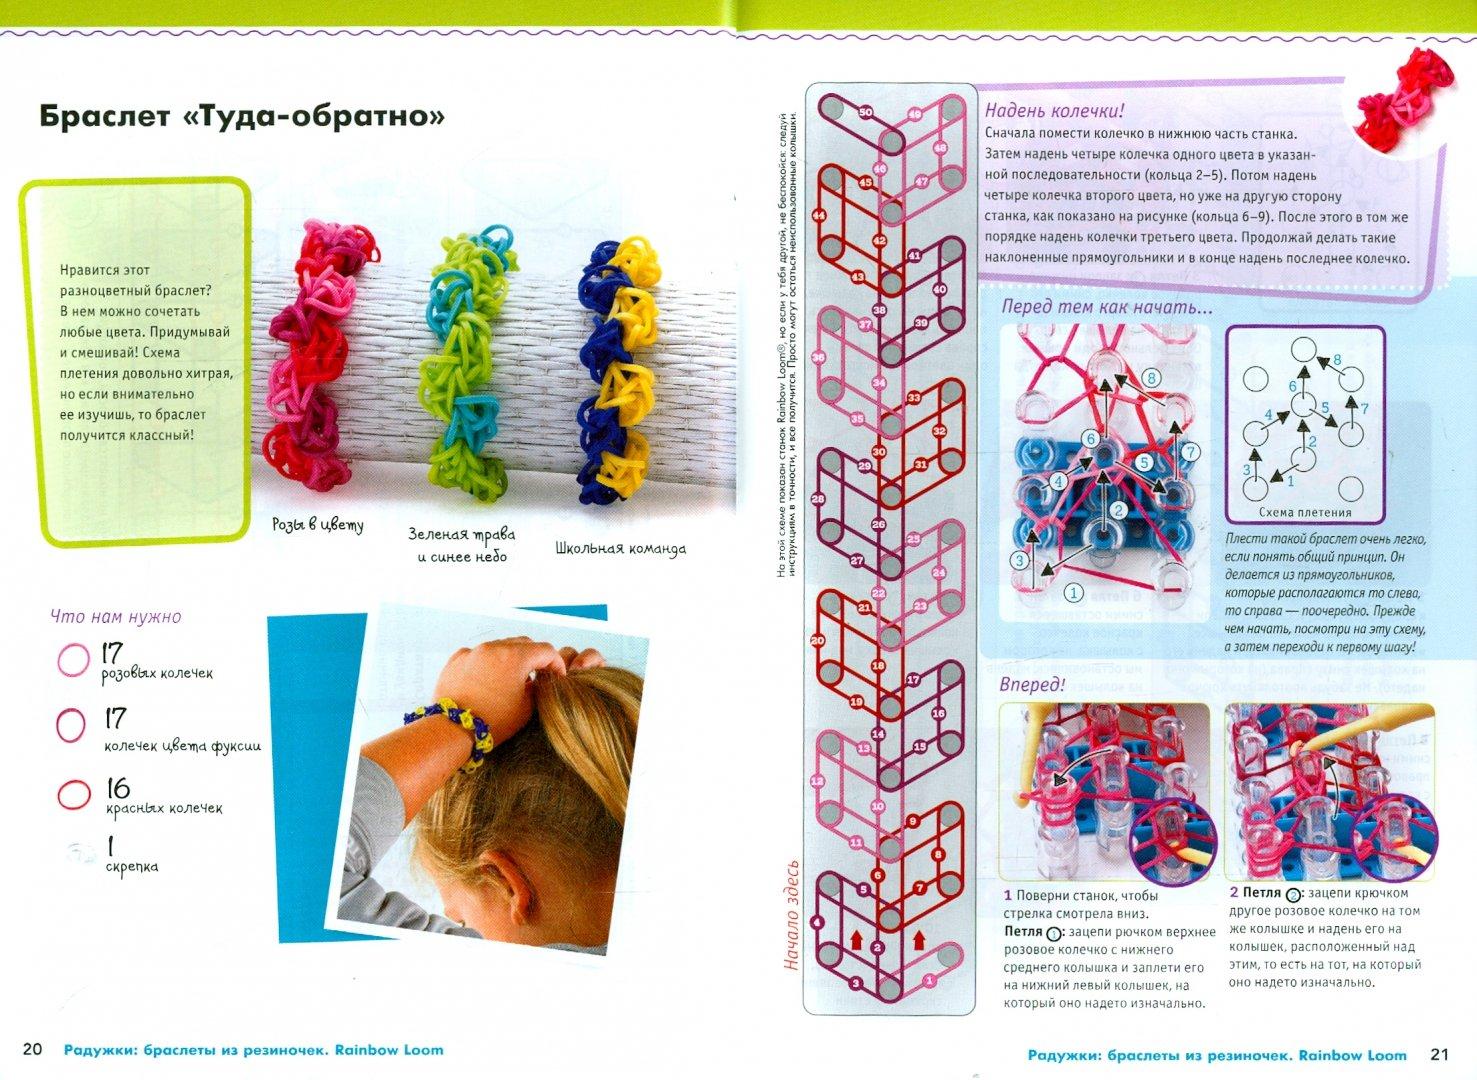 это бредово, плетение резиночками схемы в картинках них является накалывание